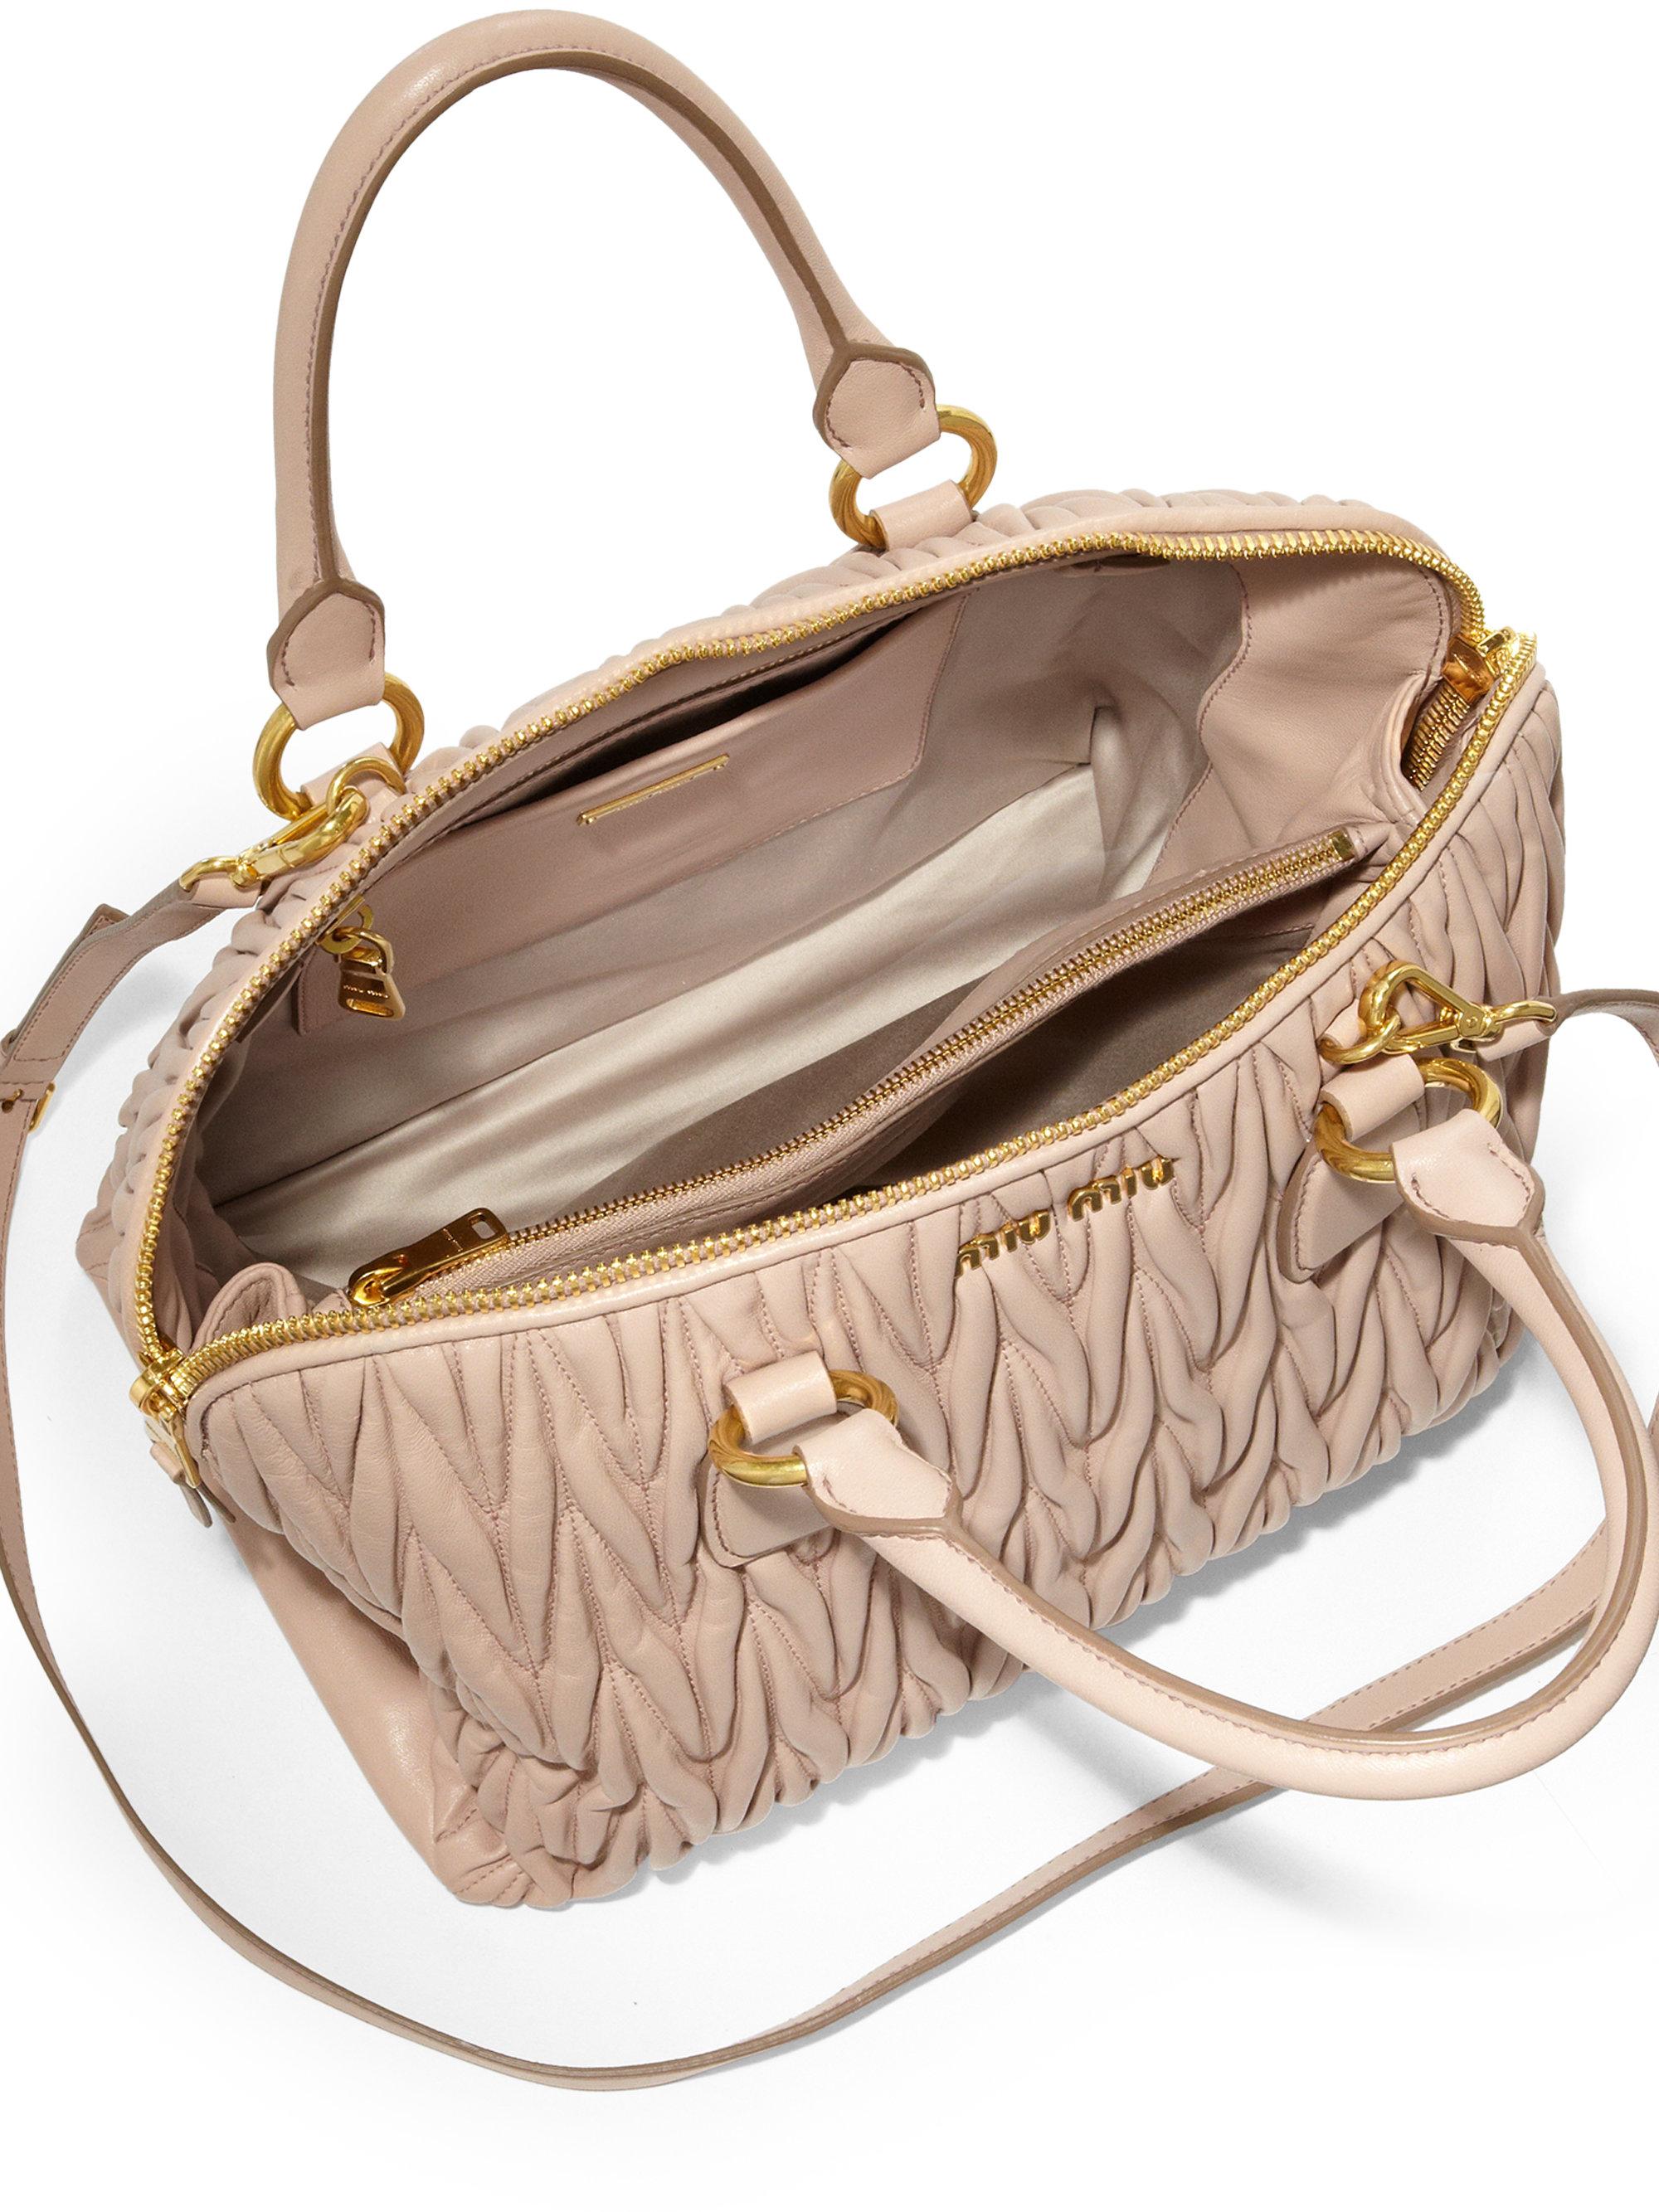 miu miu leather matelasse satchel miu miu shoes online. Black Bedroom Furniture Sets. Home Design Ideas